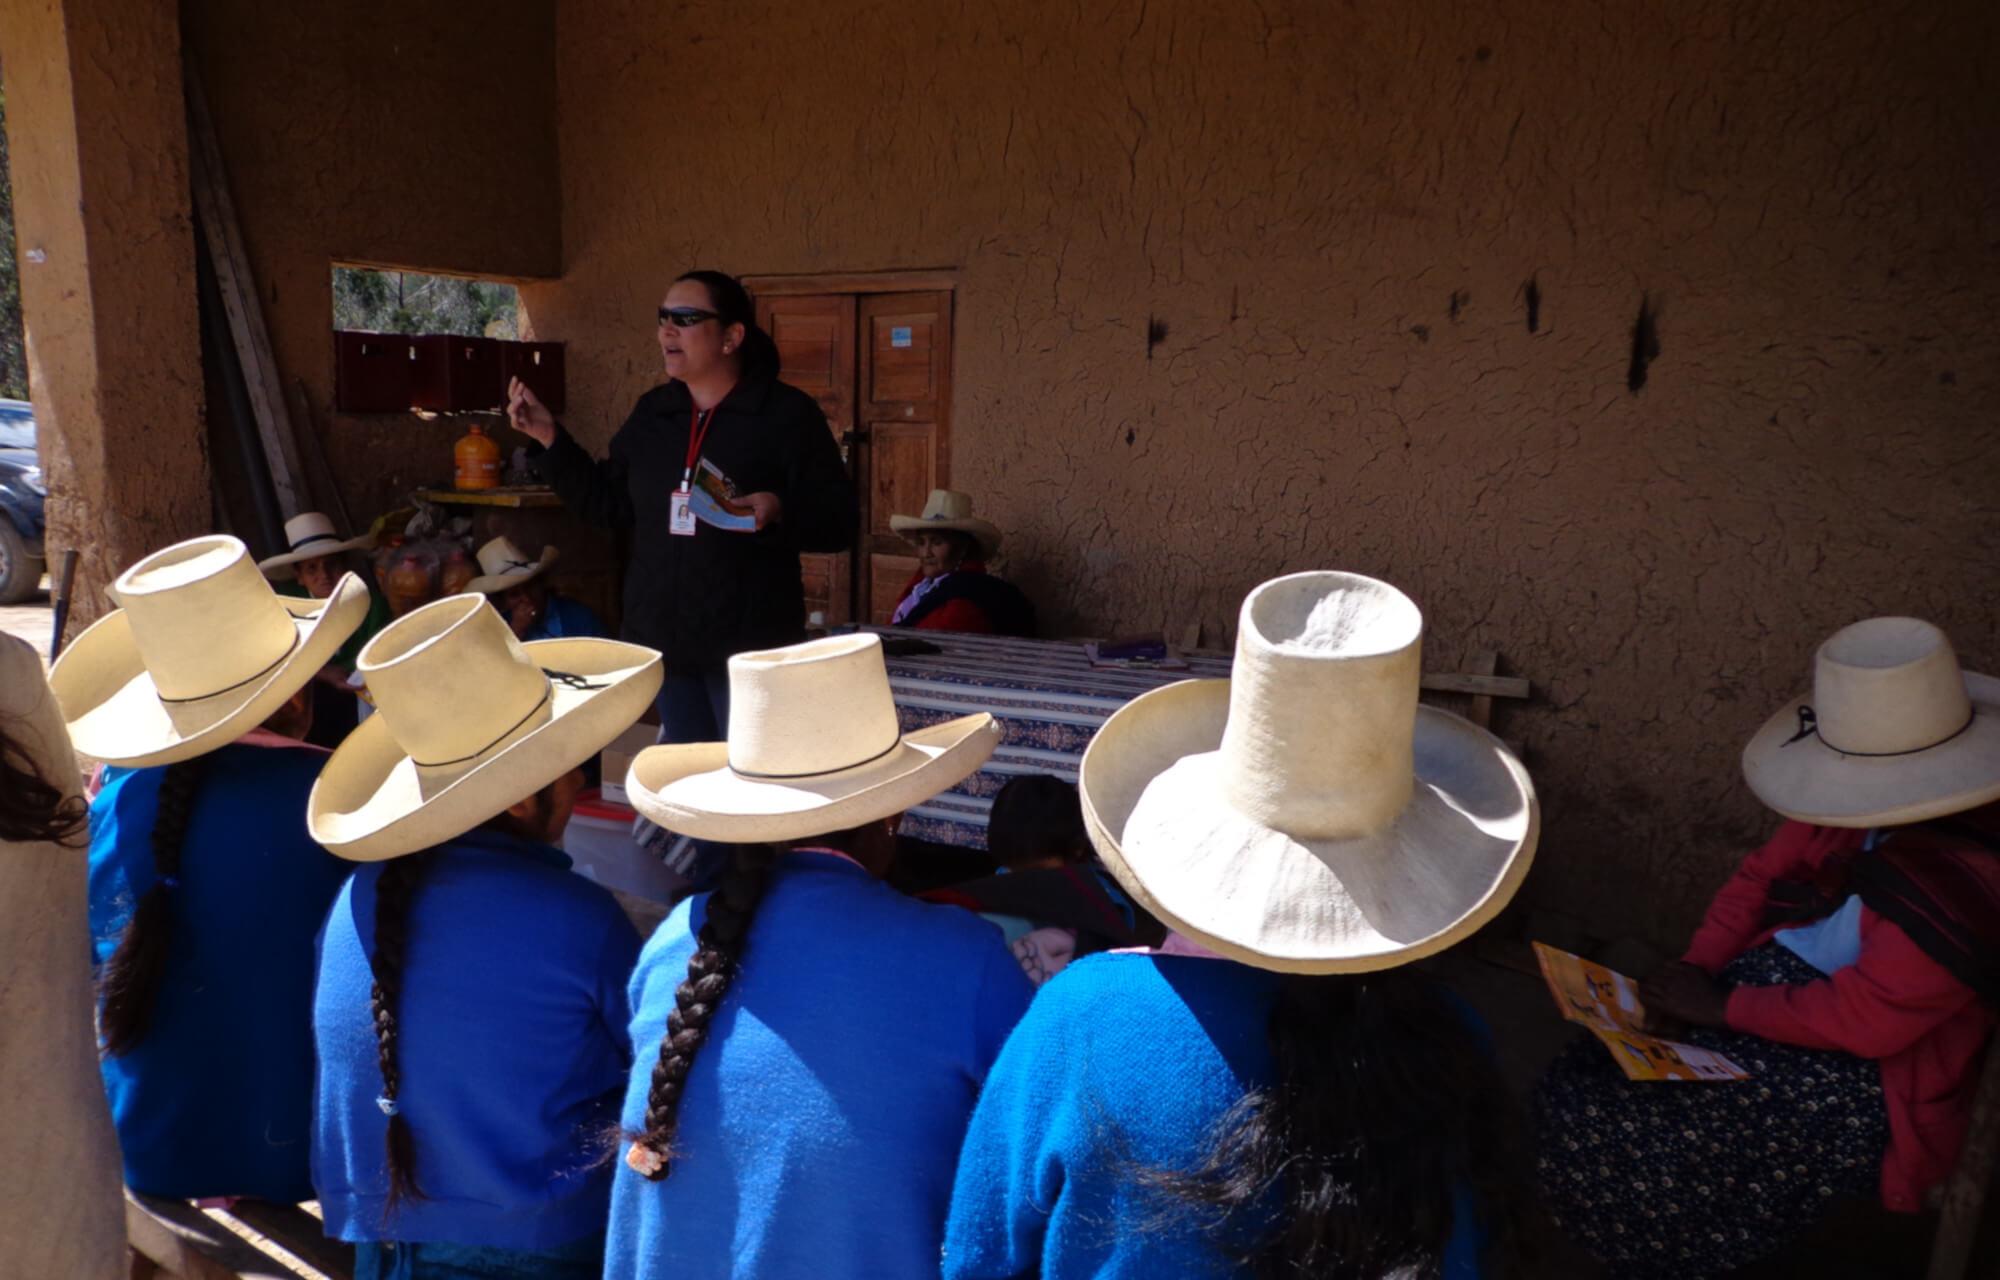 Gerente de acciona.org en Perú explica a los usuarios las condiciones del servicio ofrecido